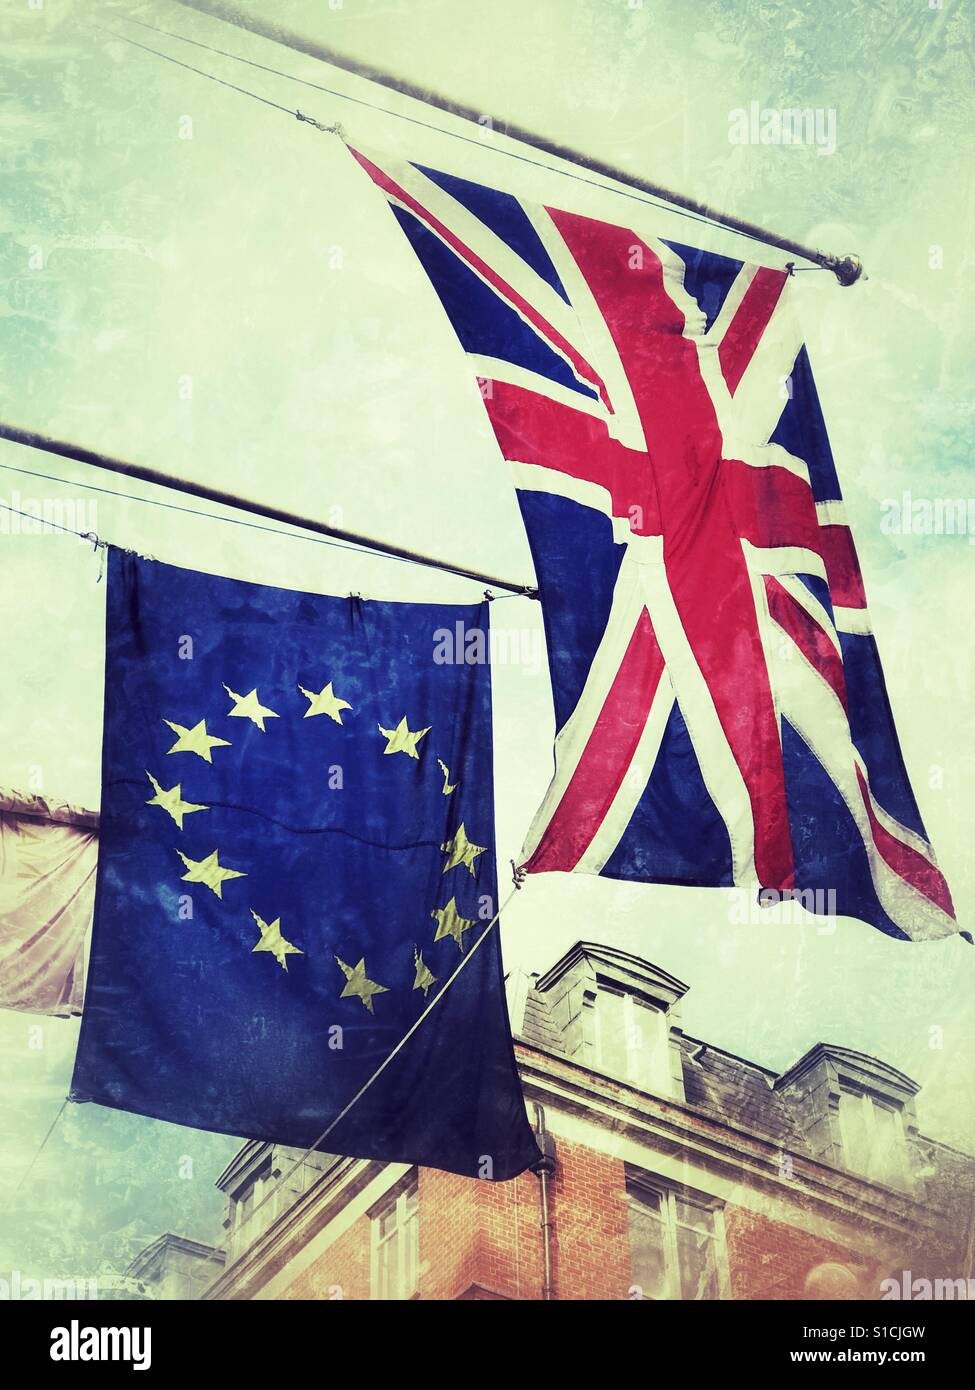 Der Union Jack & der Europäischen Union Fahnen nebeneinander. Stockbild